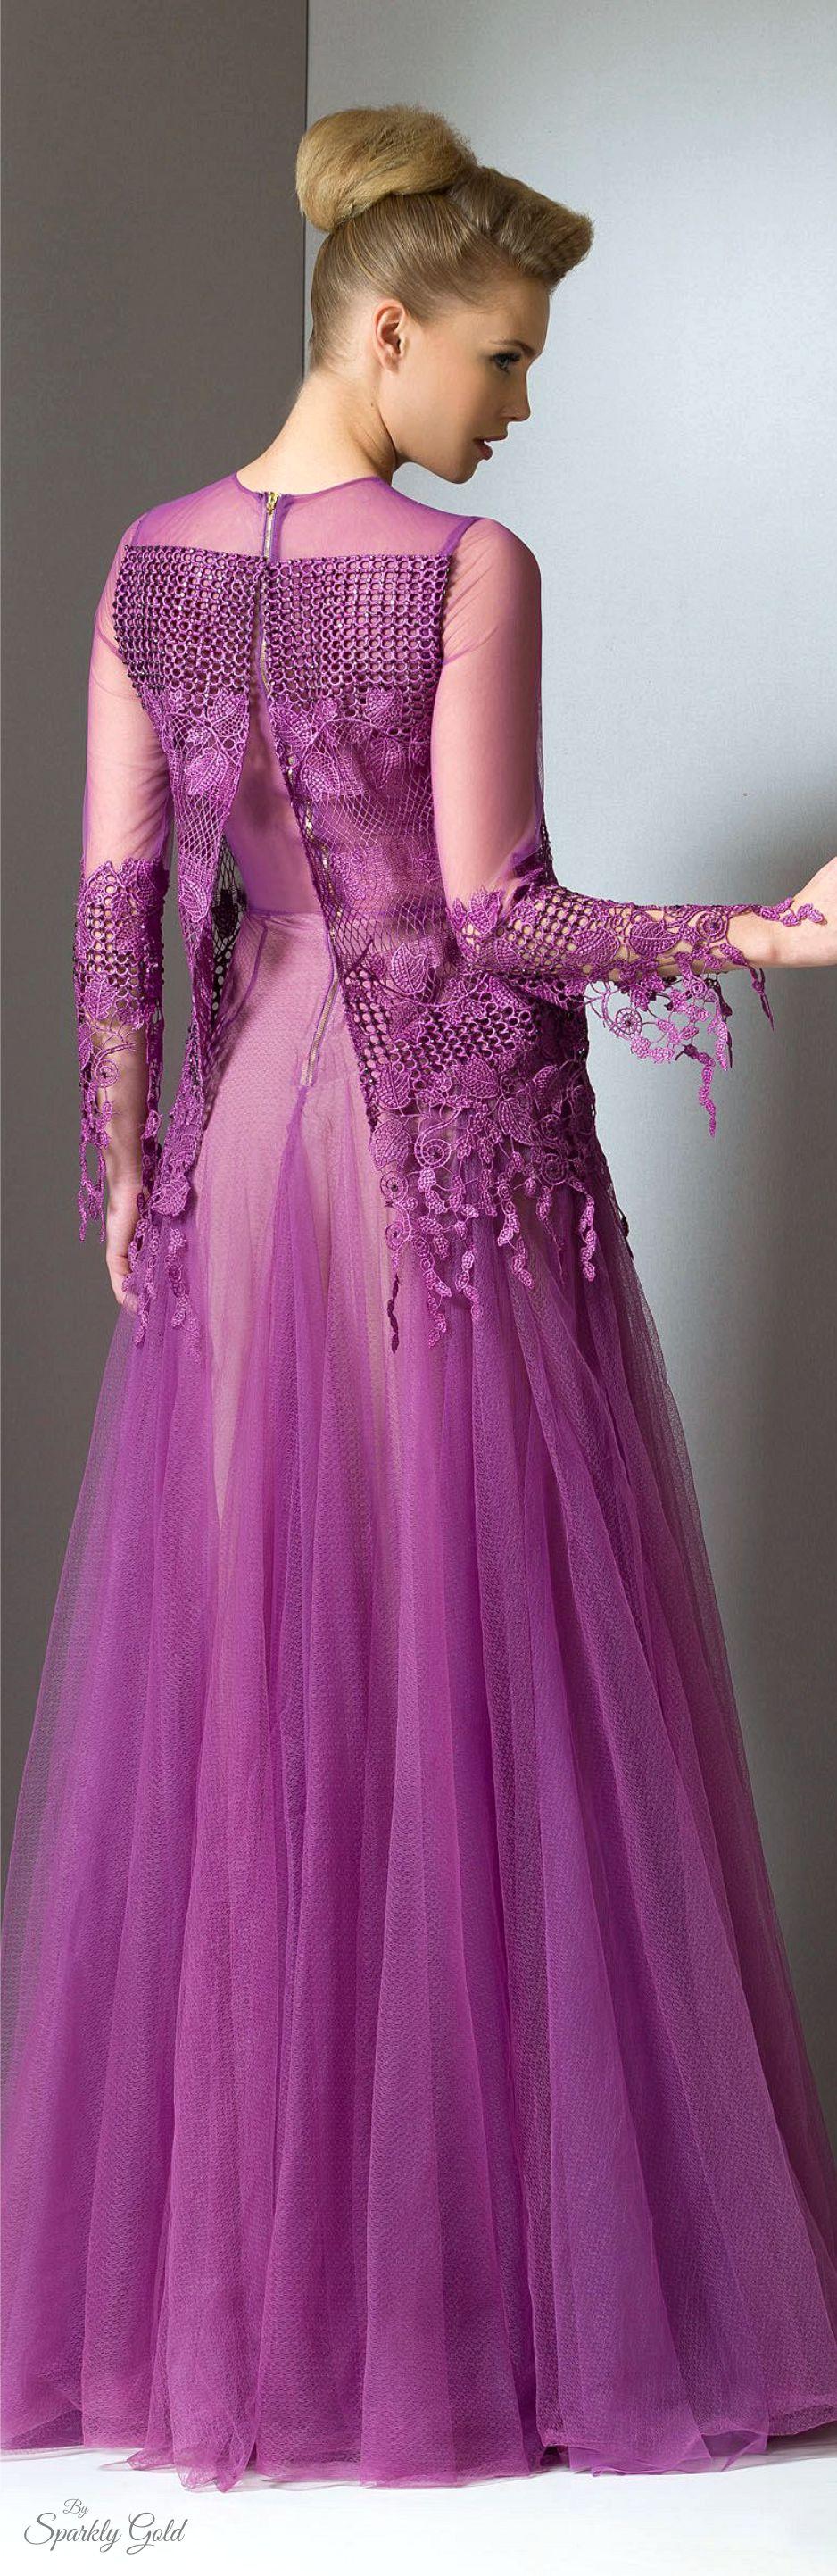 Antonios ♡♡♡♡♡ | Vestido coctel | Pinterest | Púrpura, Vestido ...